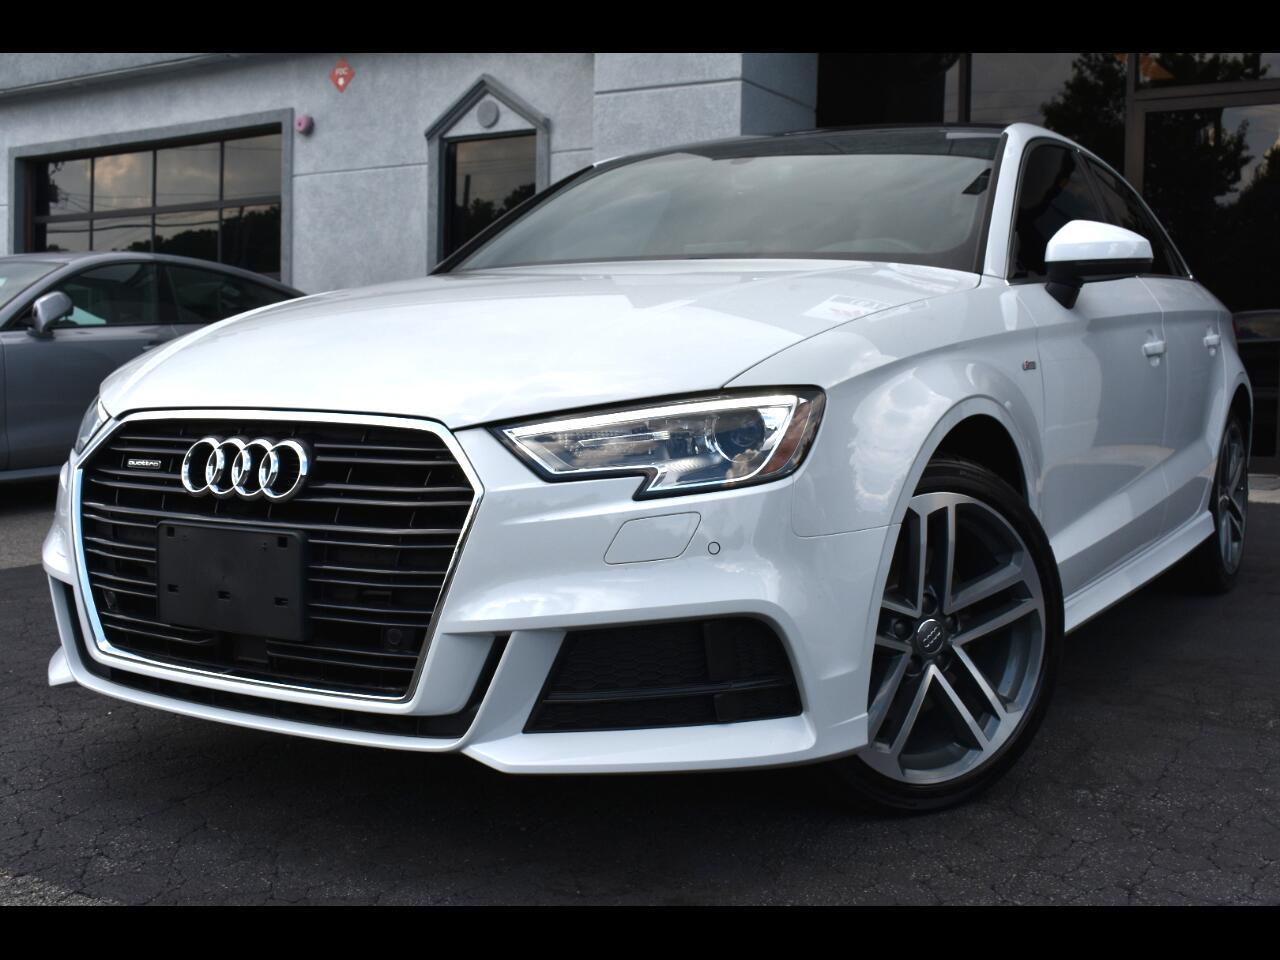 Audi A3 Sedan 2.0 TFSI Premium Plus quattro AWD 2018